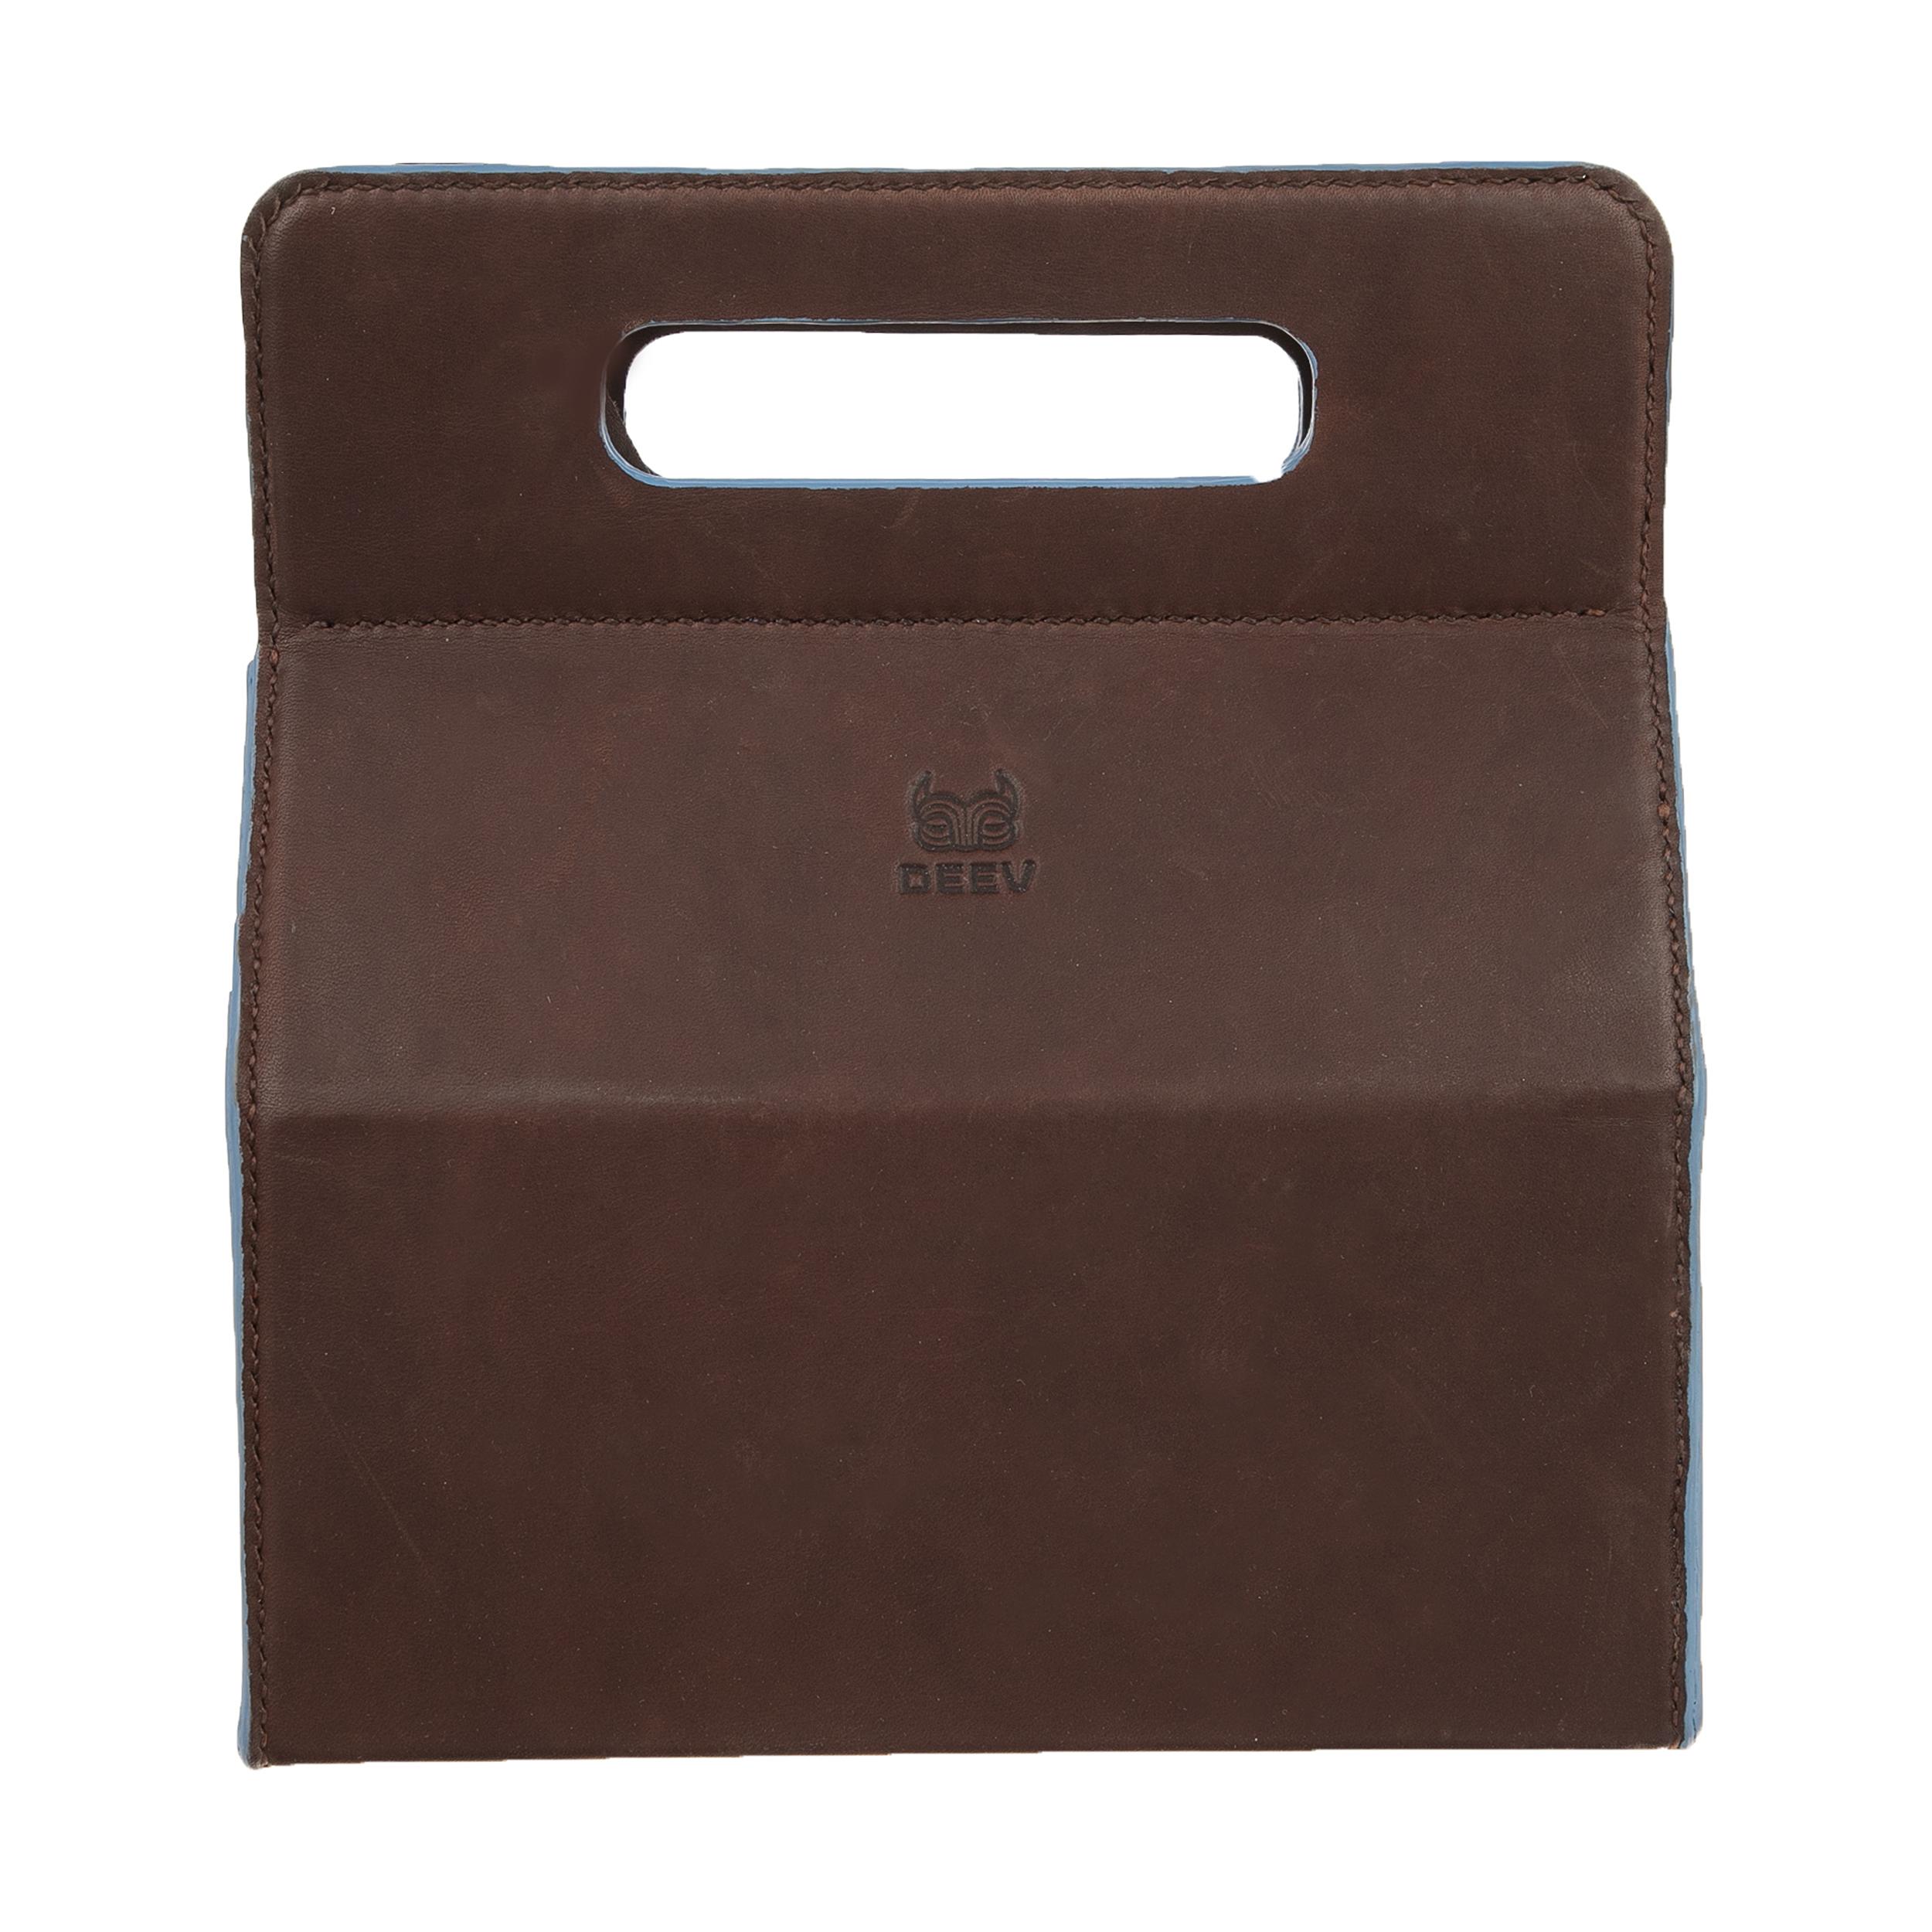 کیف دوشی زنانه دیو مدل 1573104-36